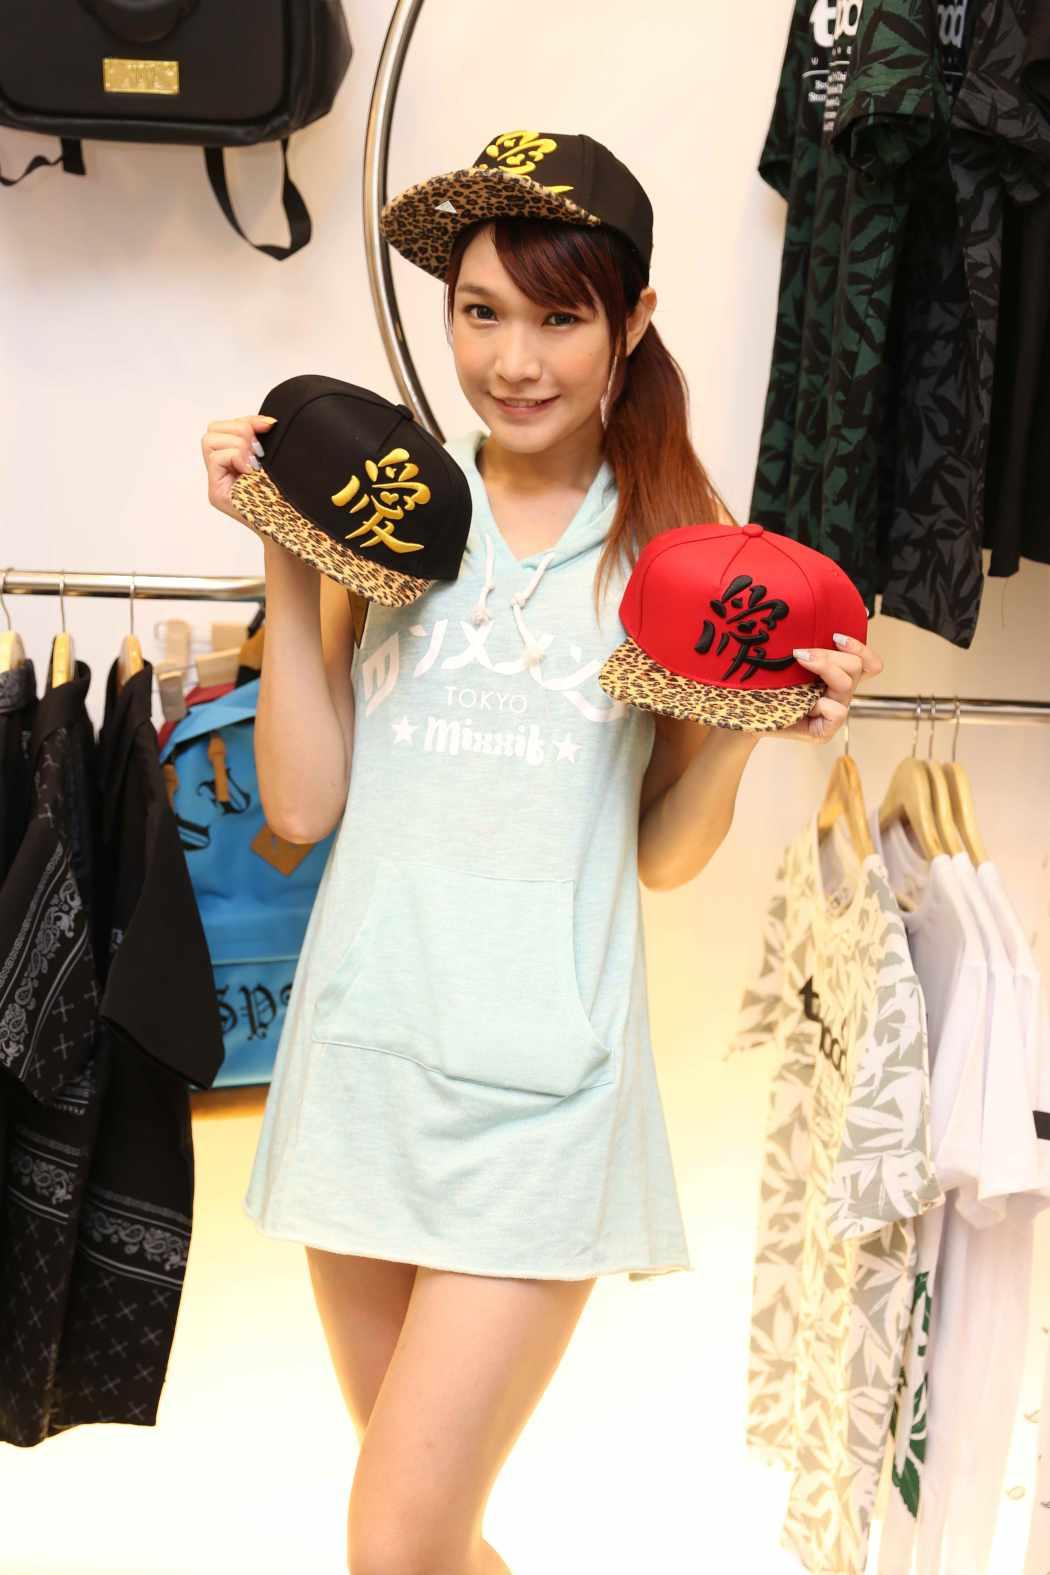 劉薰愛以輕鬆連身帽T打扮,出席與Hater聯名帽款的義賣活動。